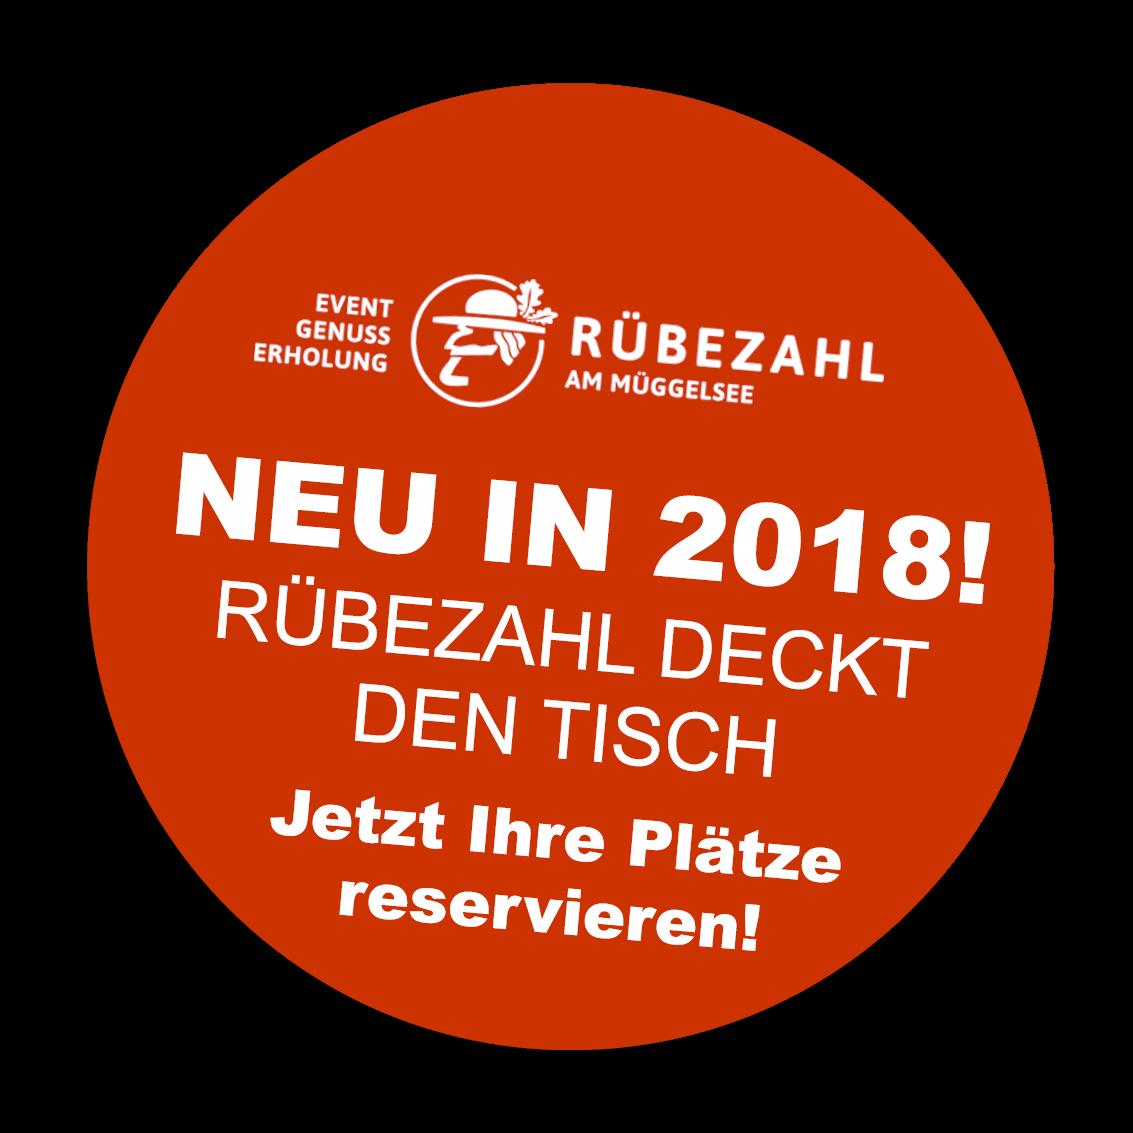 Rübezahl deckt den Tisch - Veranstaltungen 2018